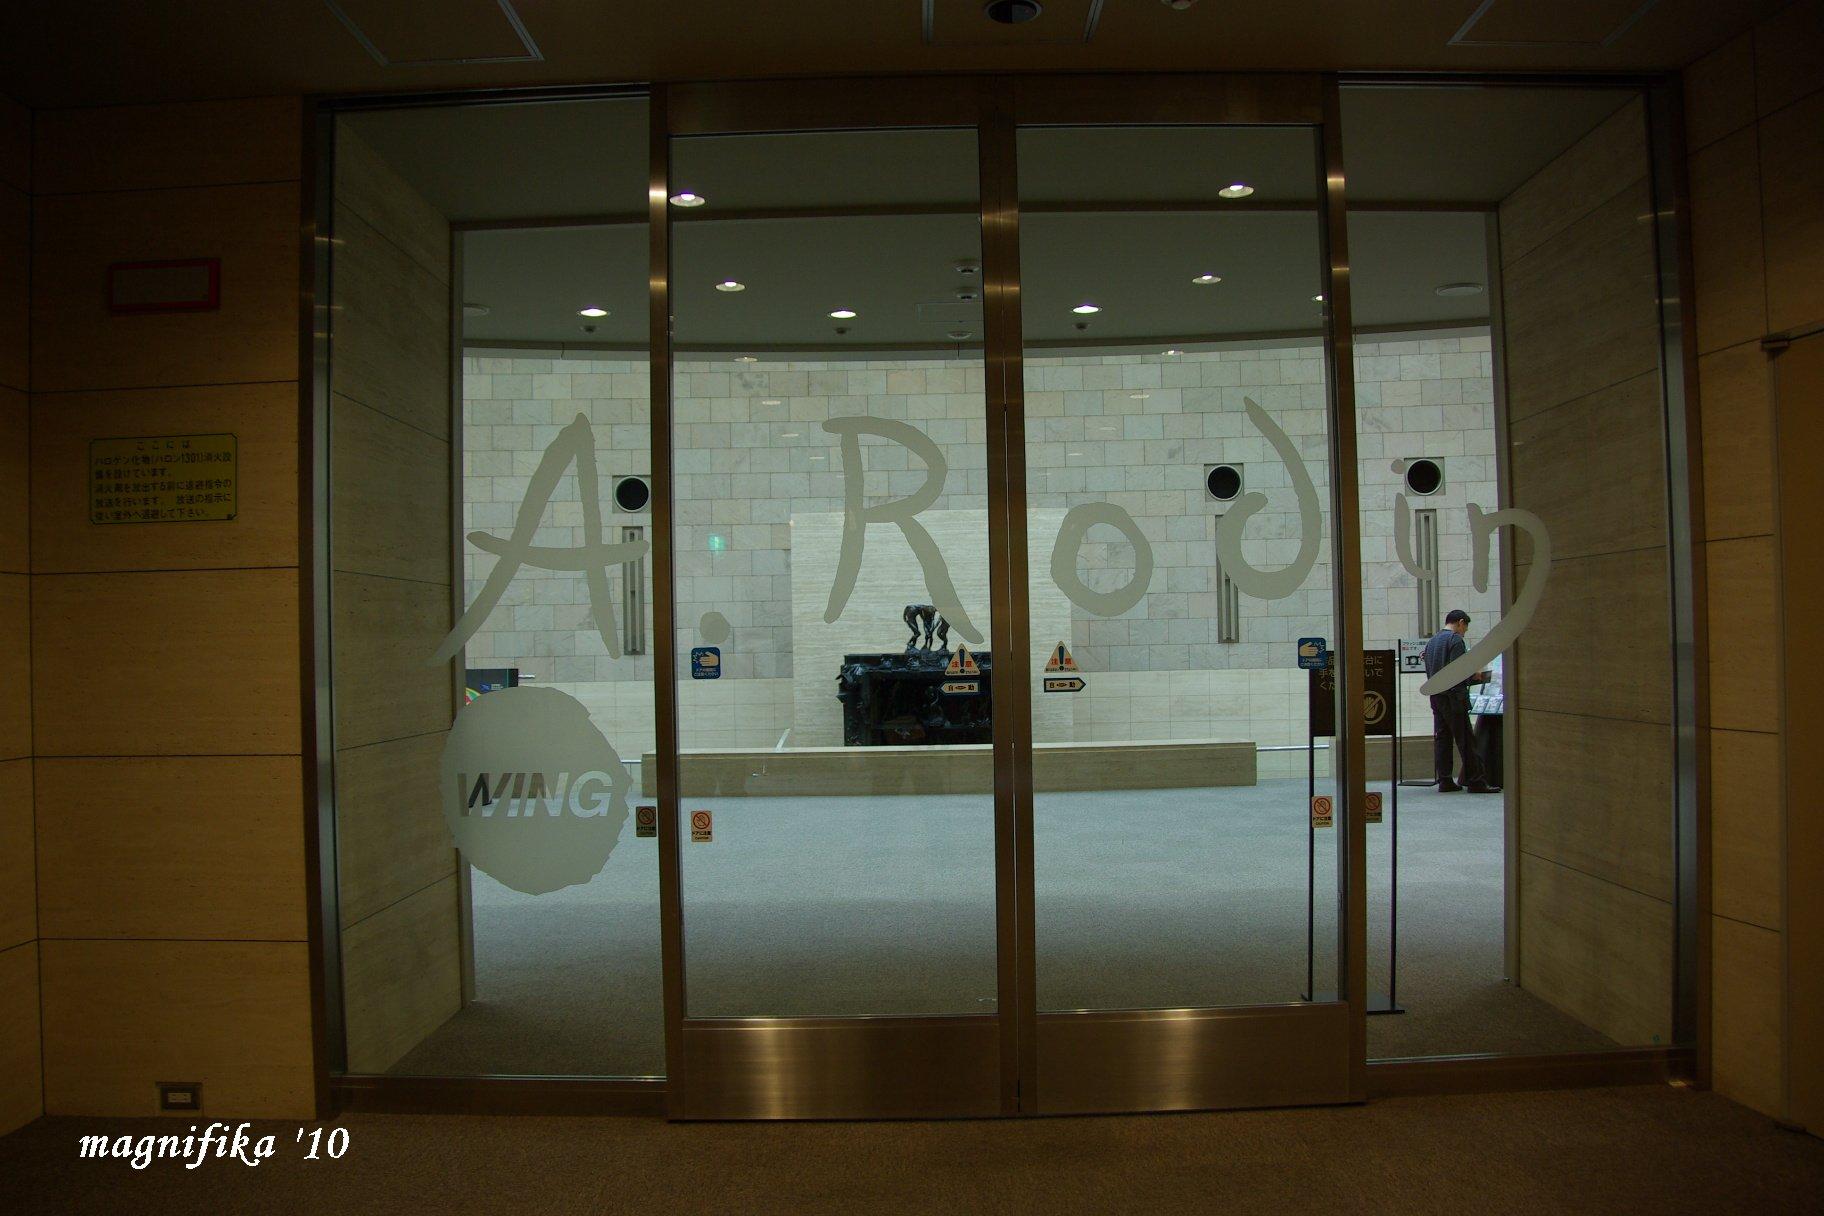 静岡県立美術館 ロダン館-1 Rodin Wing of Shizuoka Pref. Museum of Art_e0140365_2051446.jpg